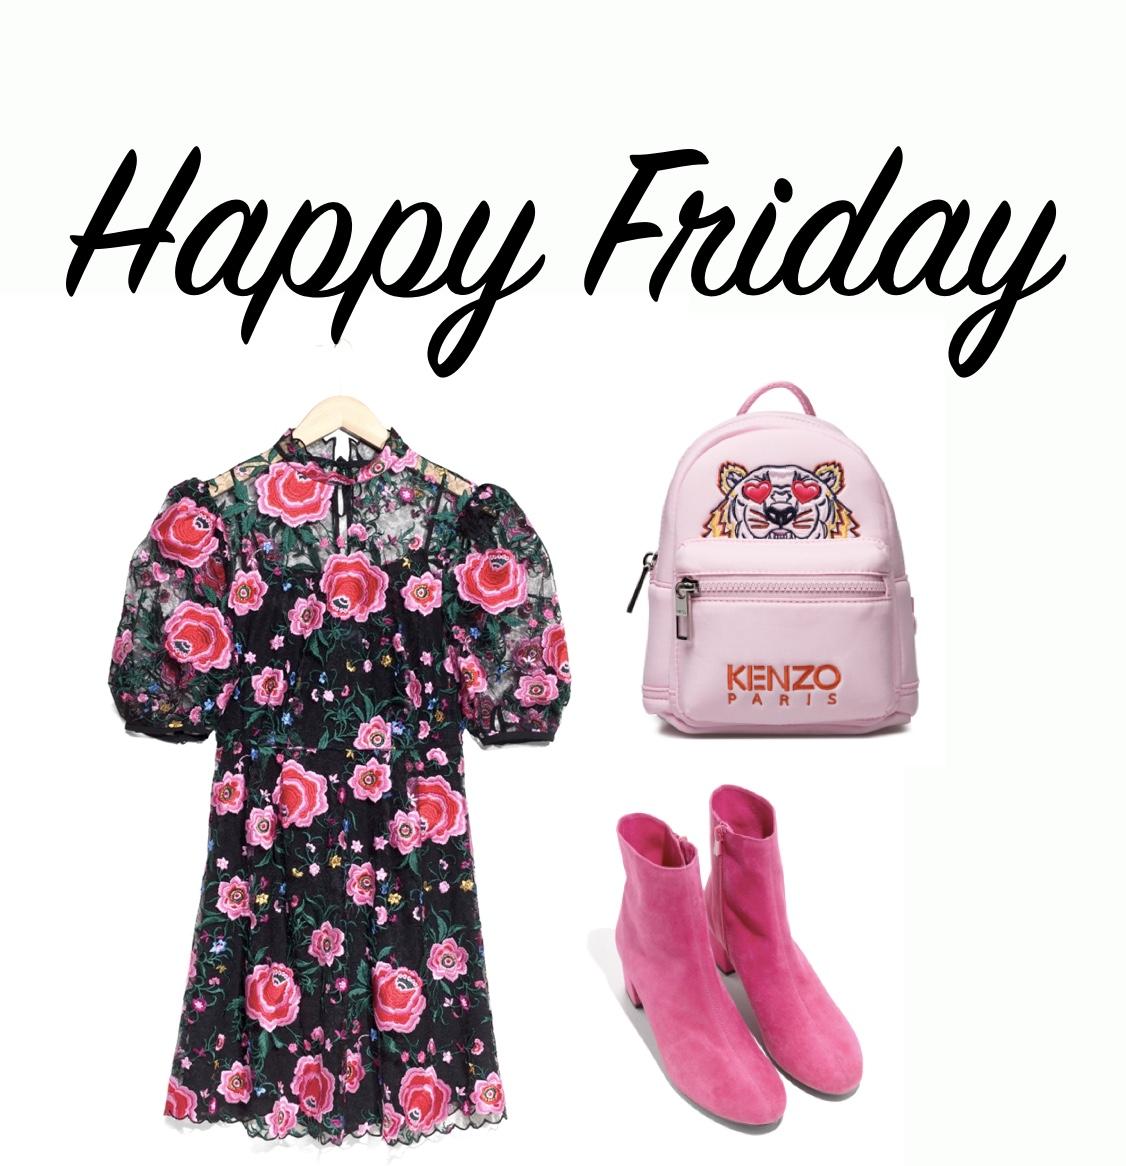 Happy Friday Yay!